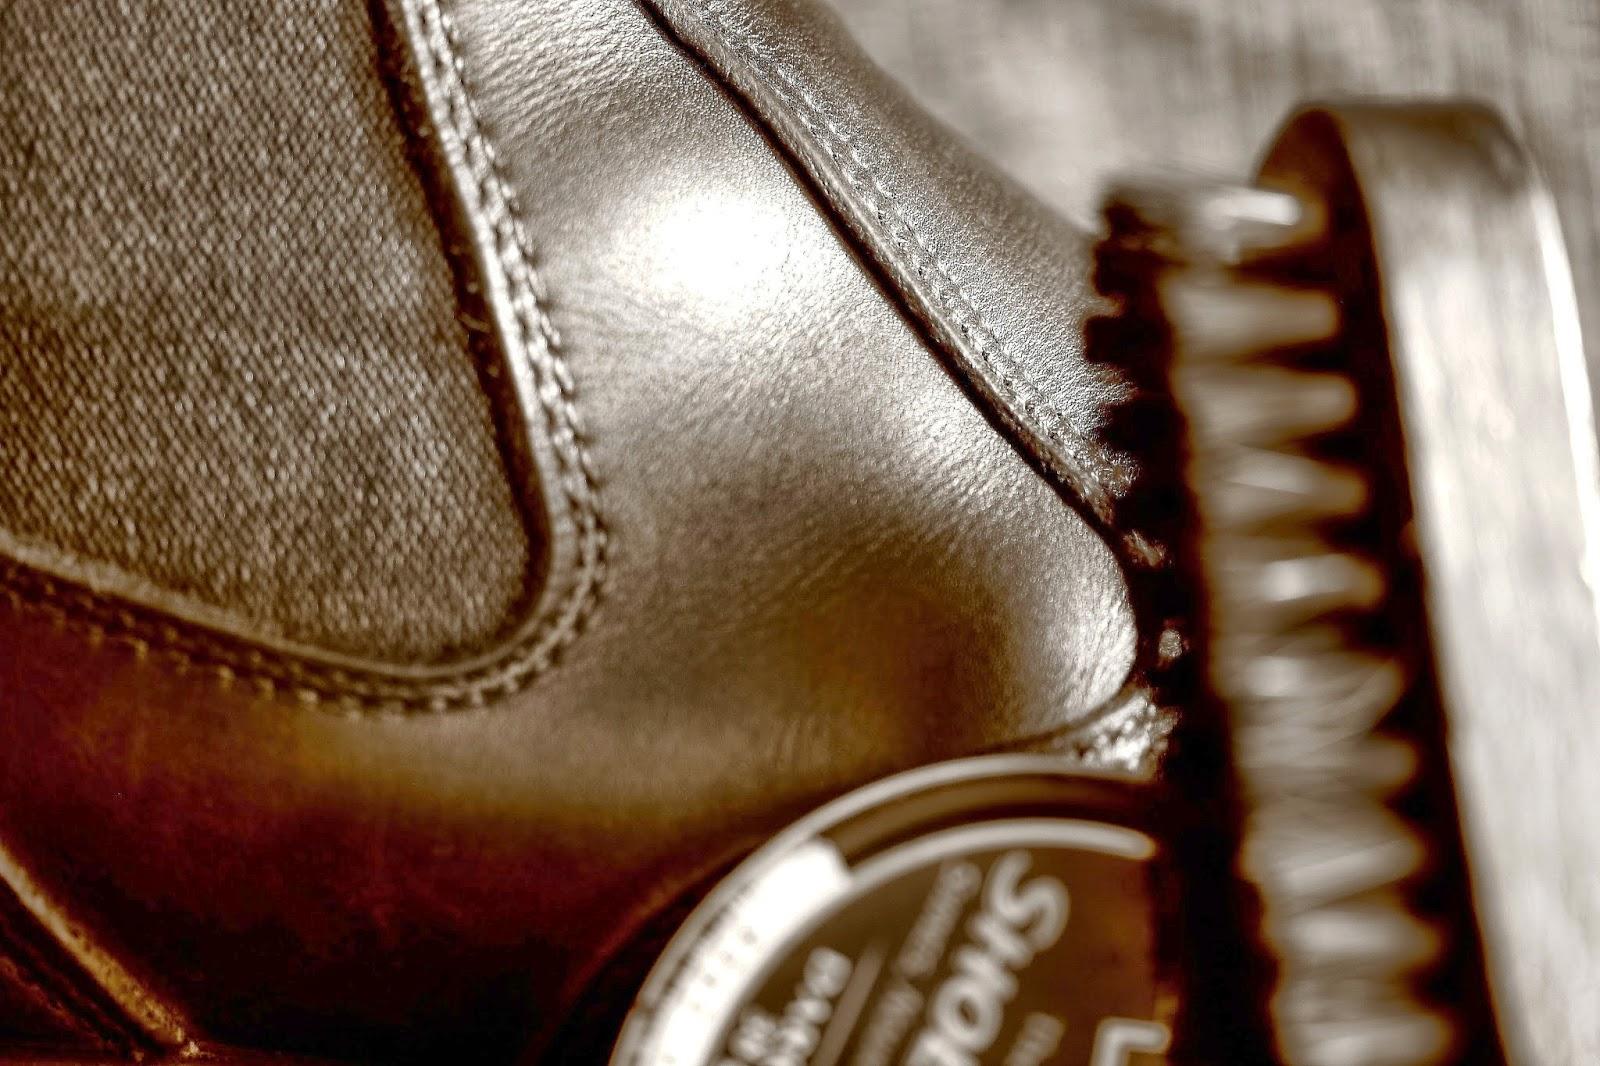 88f0eca8 La meiga y su caldero: Cómo Limpiar y Mantener tu Calzado de Ante y ...